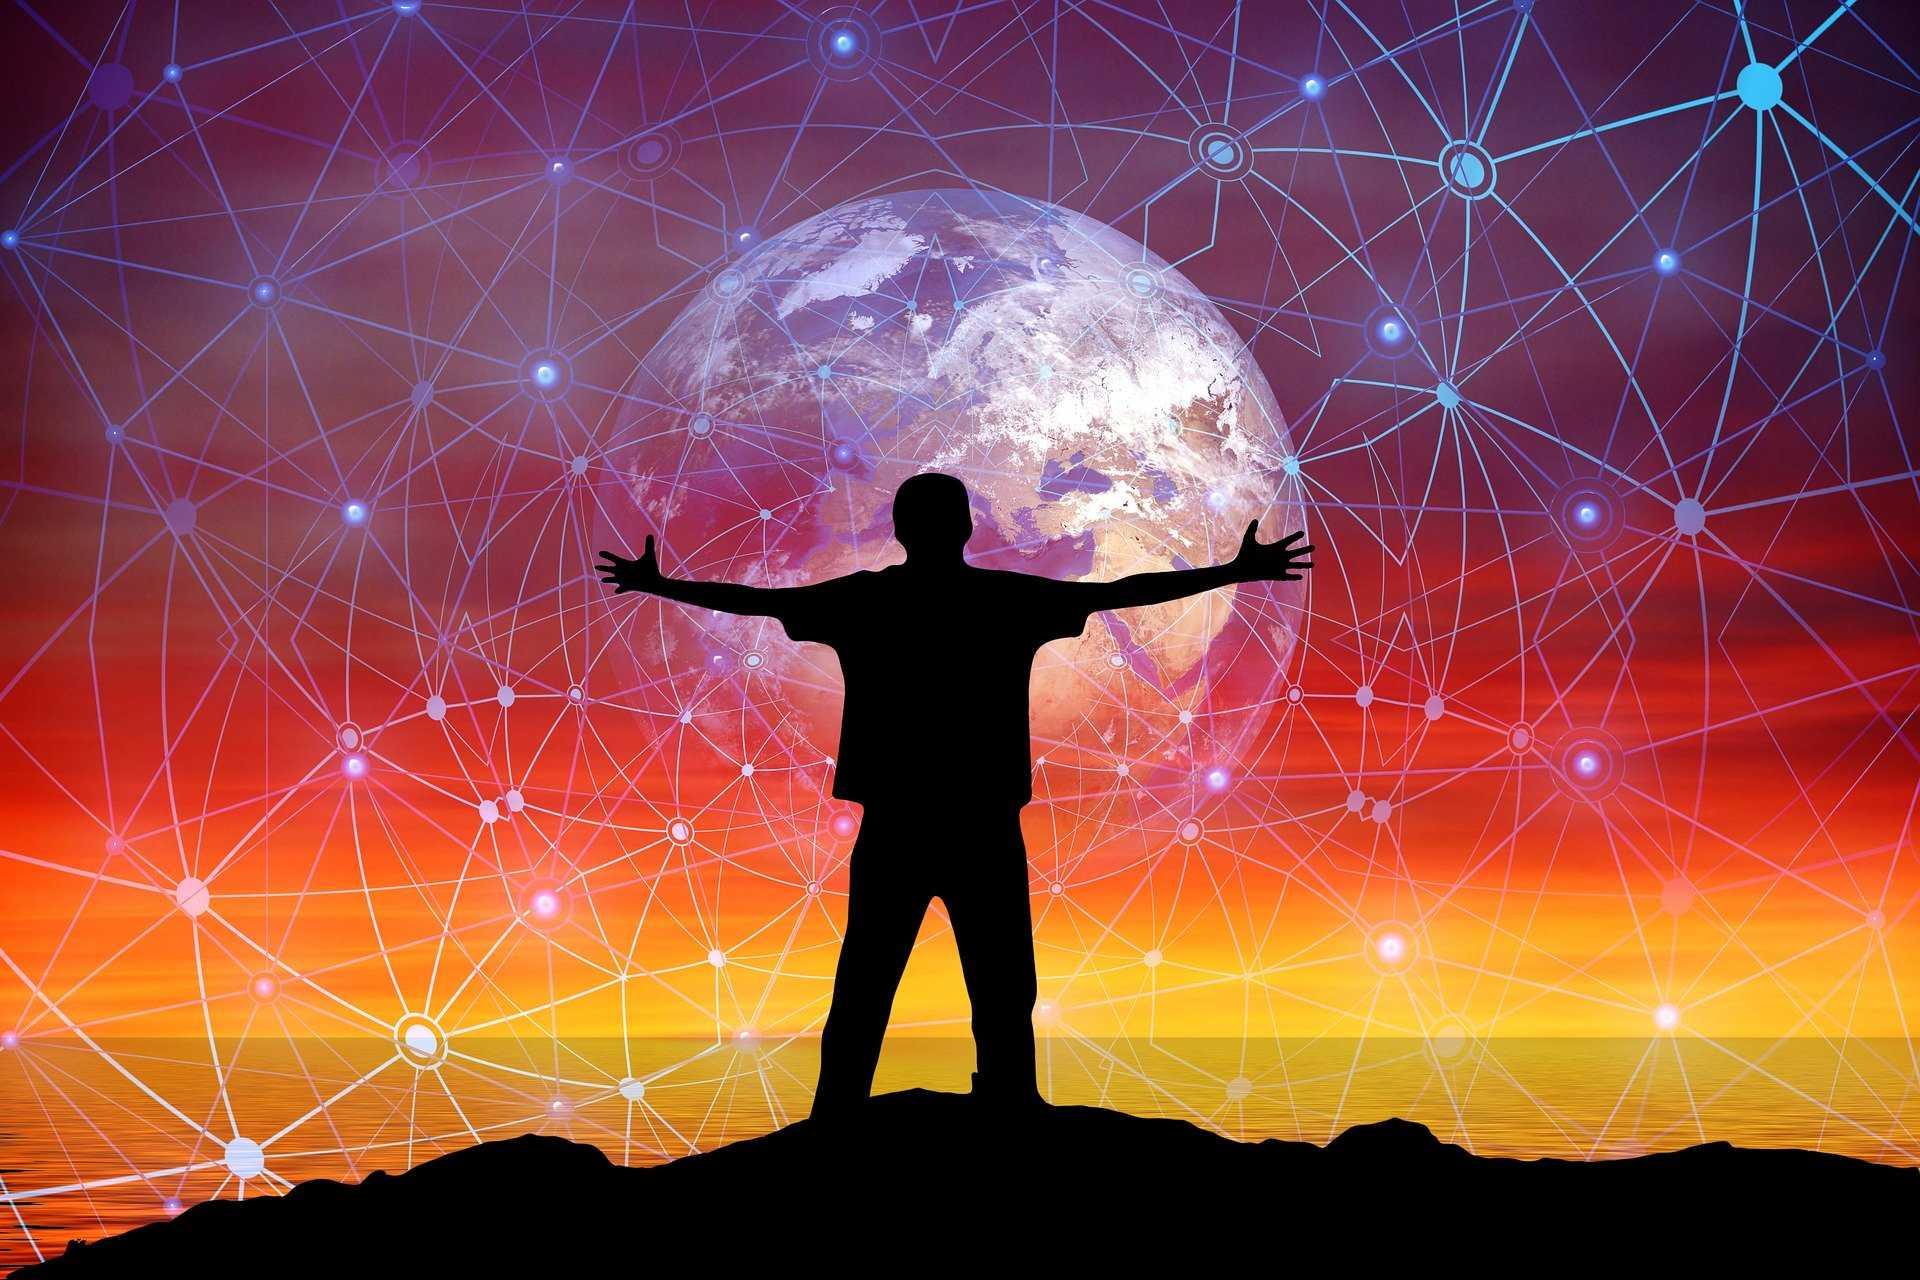 לימודי NLP - כלי חדשני מעשי ויעיל